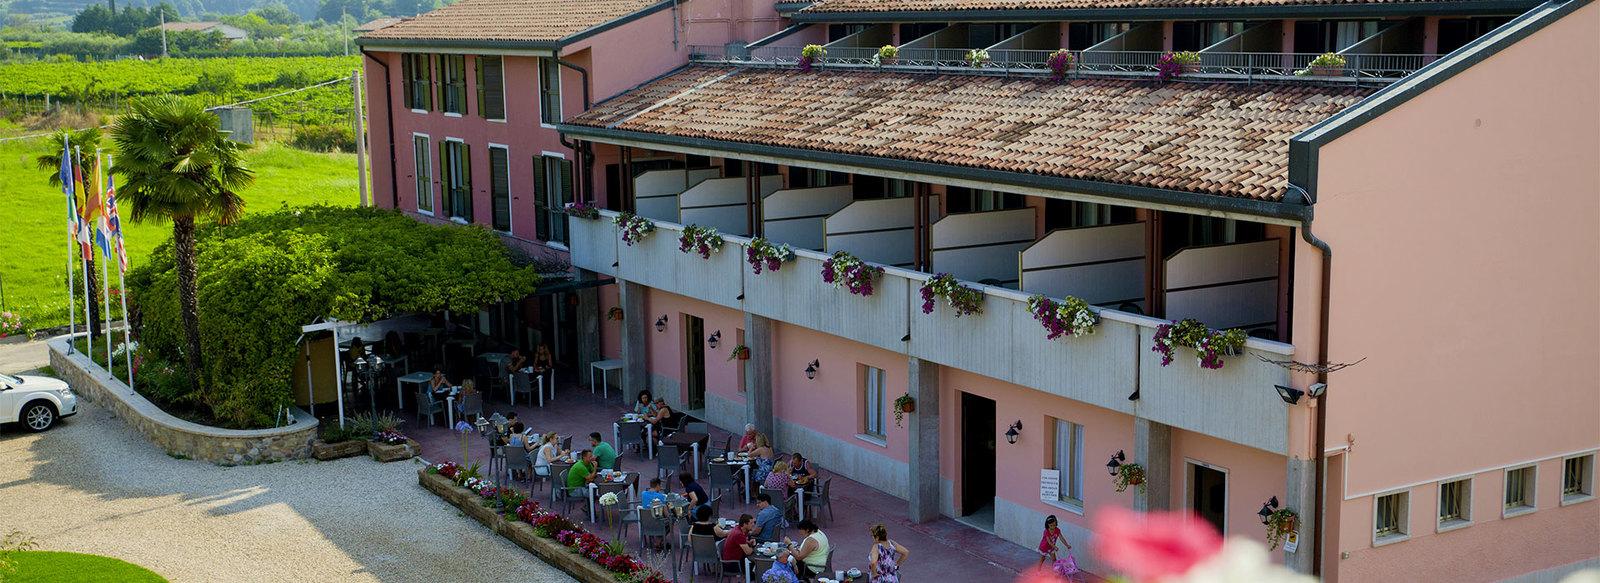 Family Hotel immerso nel verde